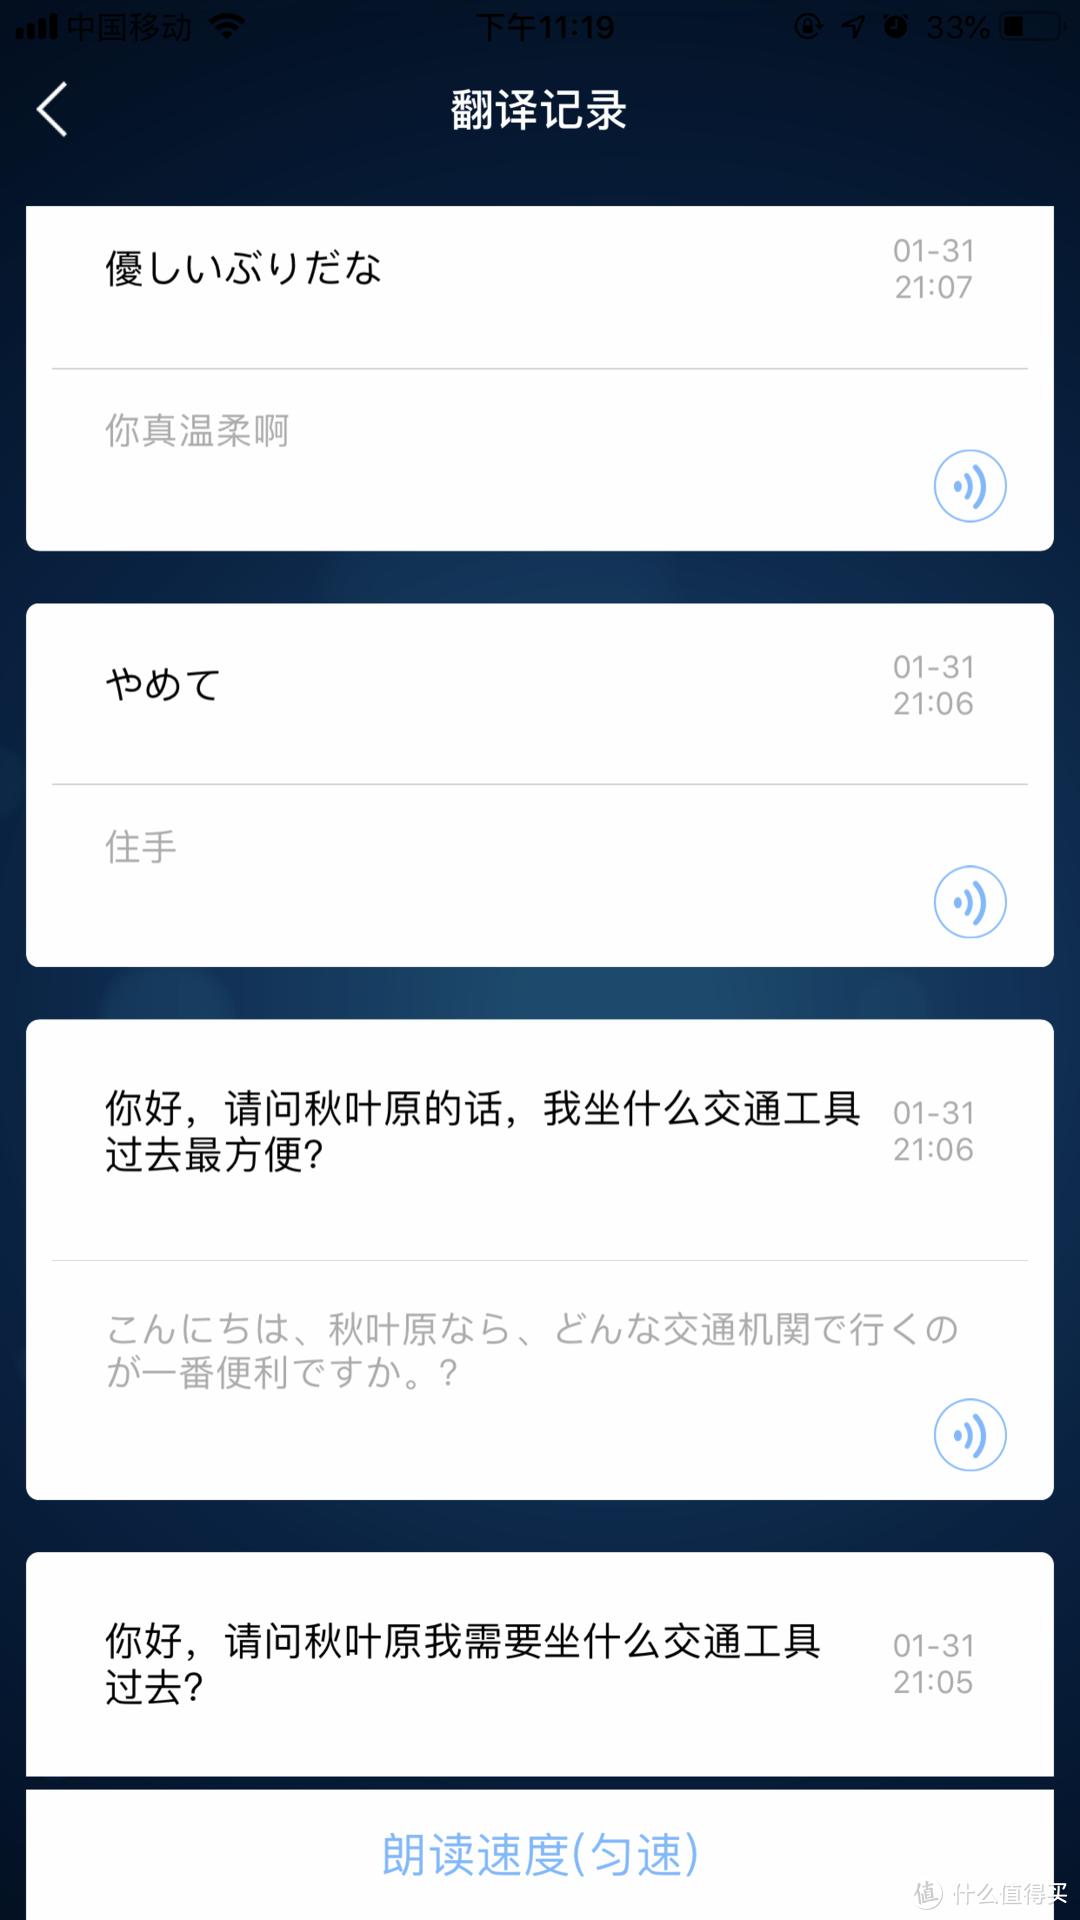 """哆啦A梦的""""翻译魔芋""""?——逸豆智能旅行管家众测报告"""